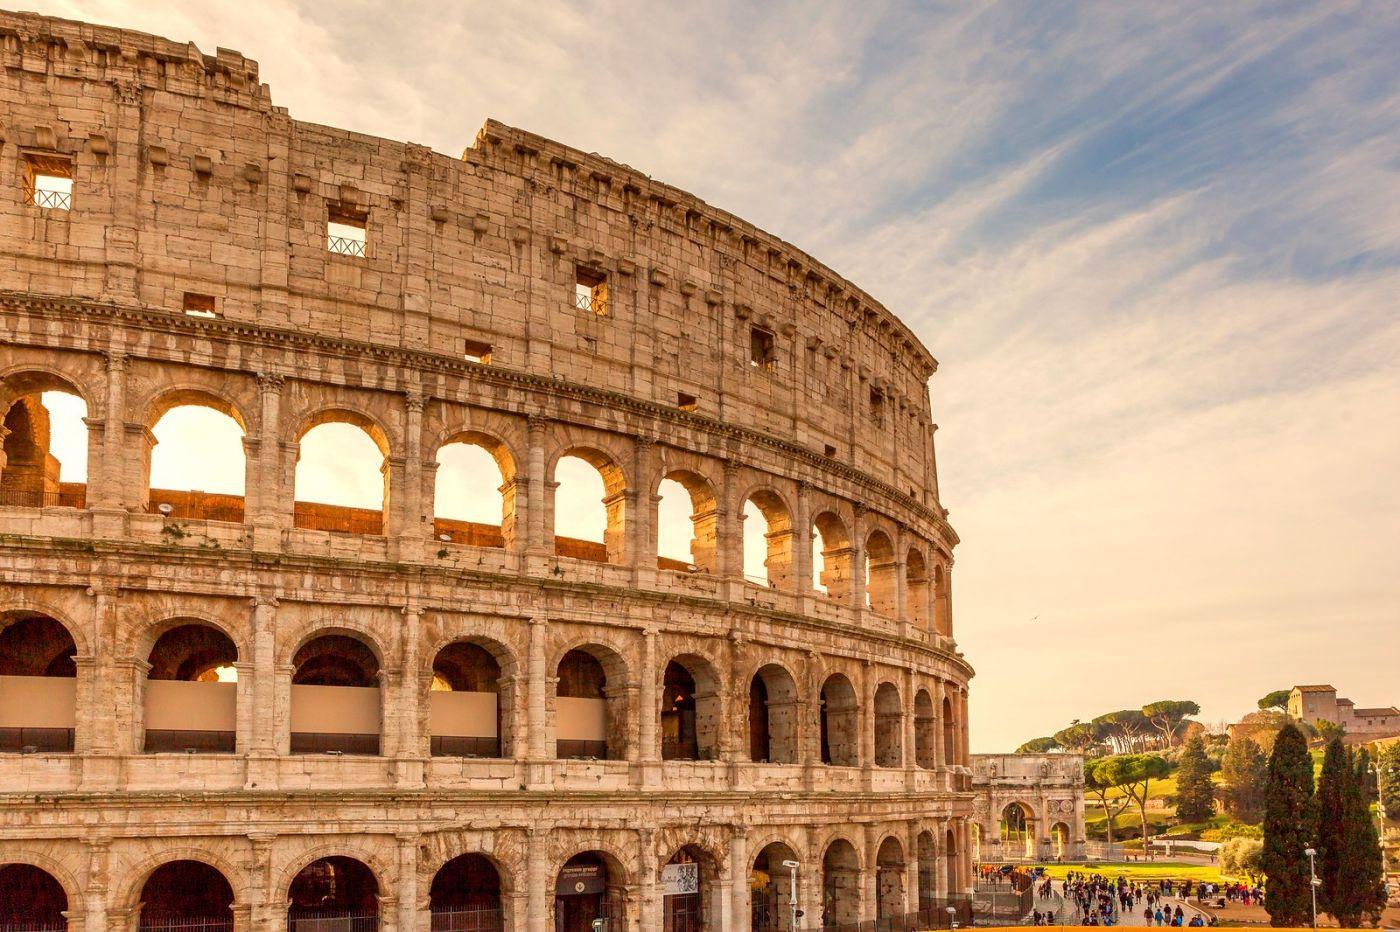 罗马斗兽场(Colosseum), 两千年的宏大建筑古迹_图1-20